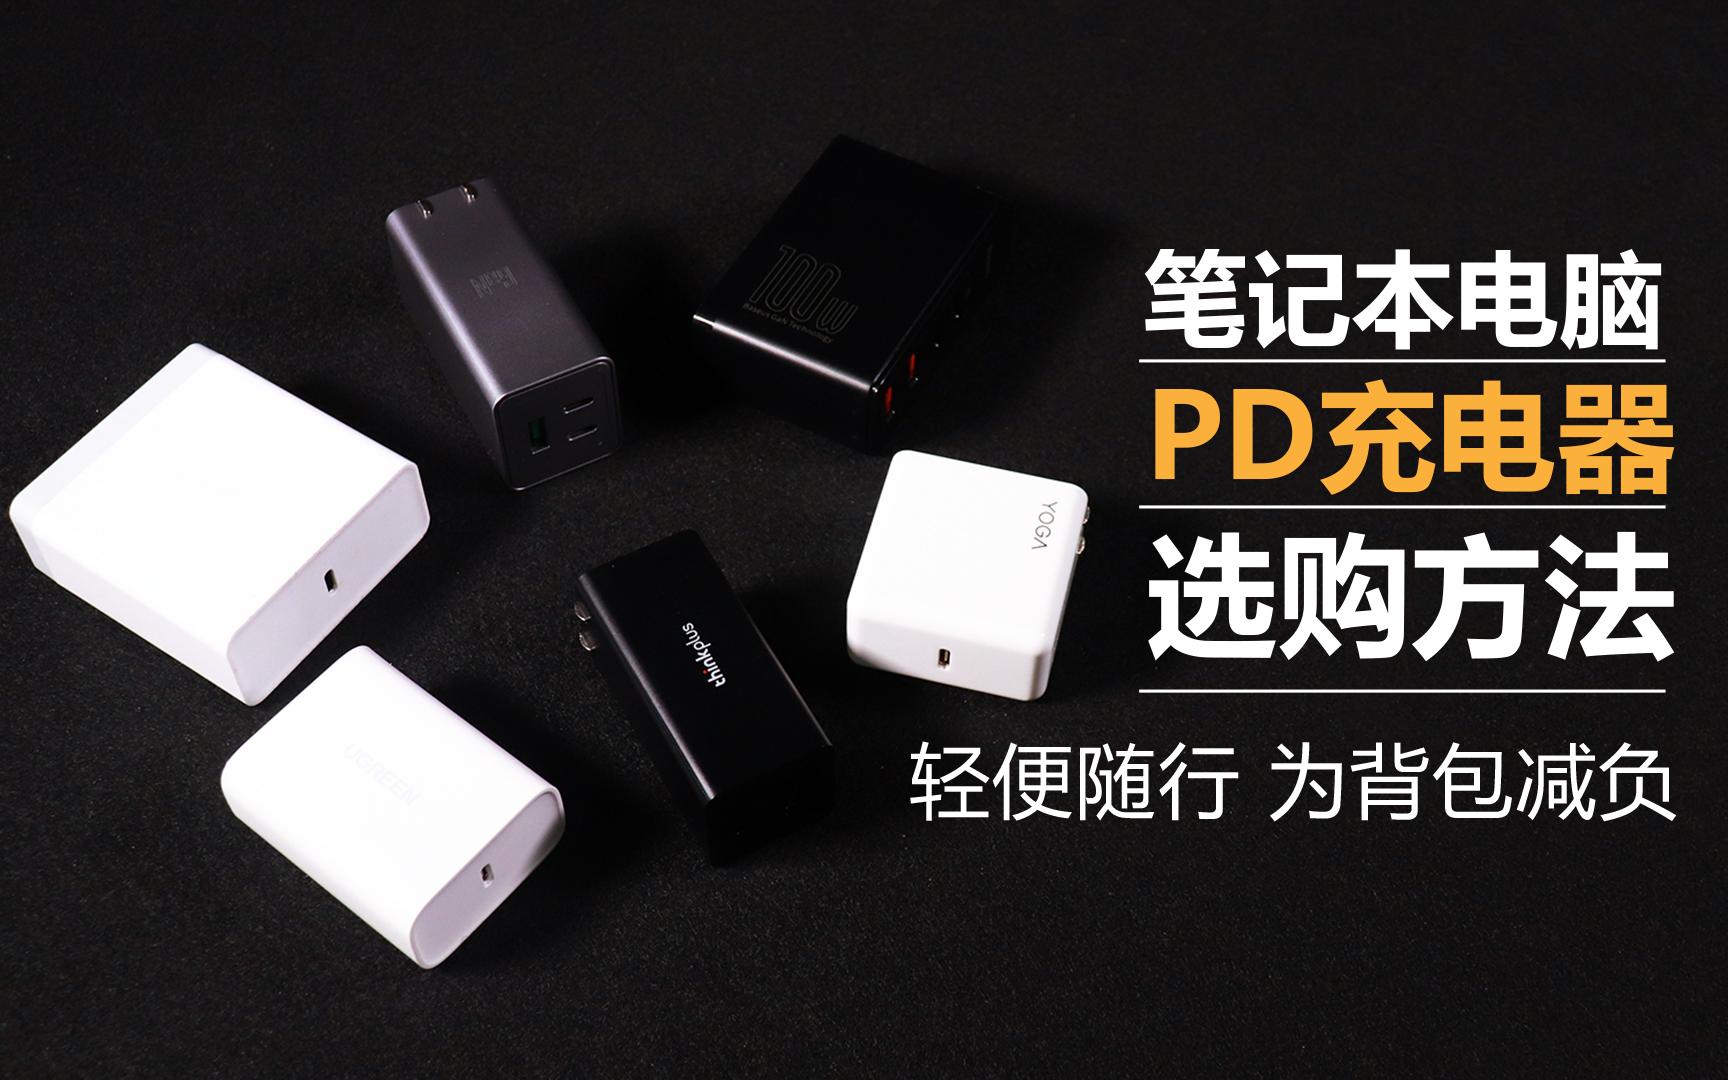 轻便随行 为背包减负 笔记本电脑PD充电器选购指南